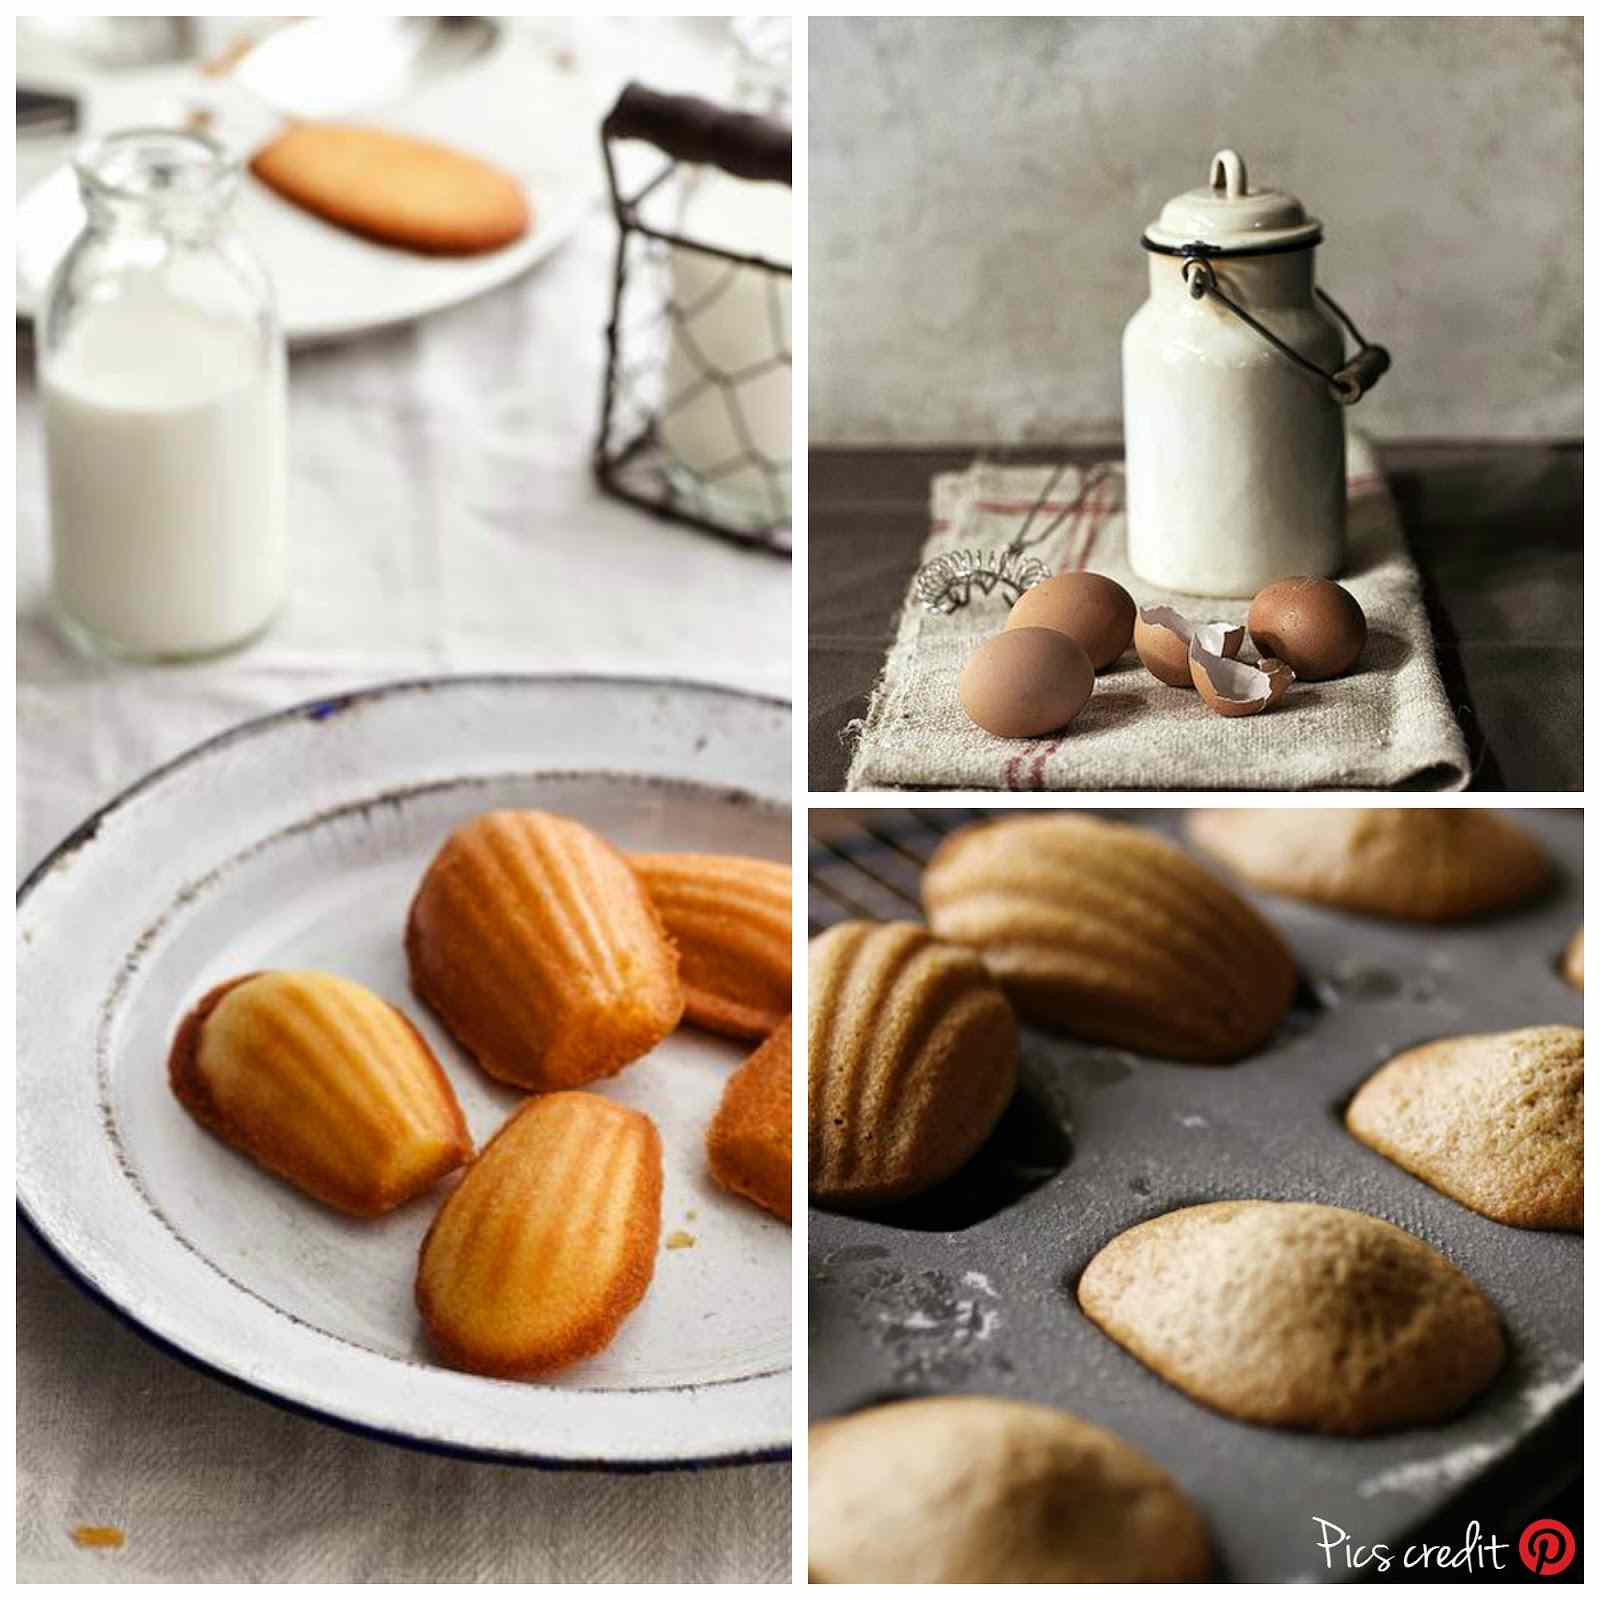 Ricetta: Madeleines / madeleines recipe